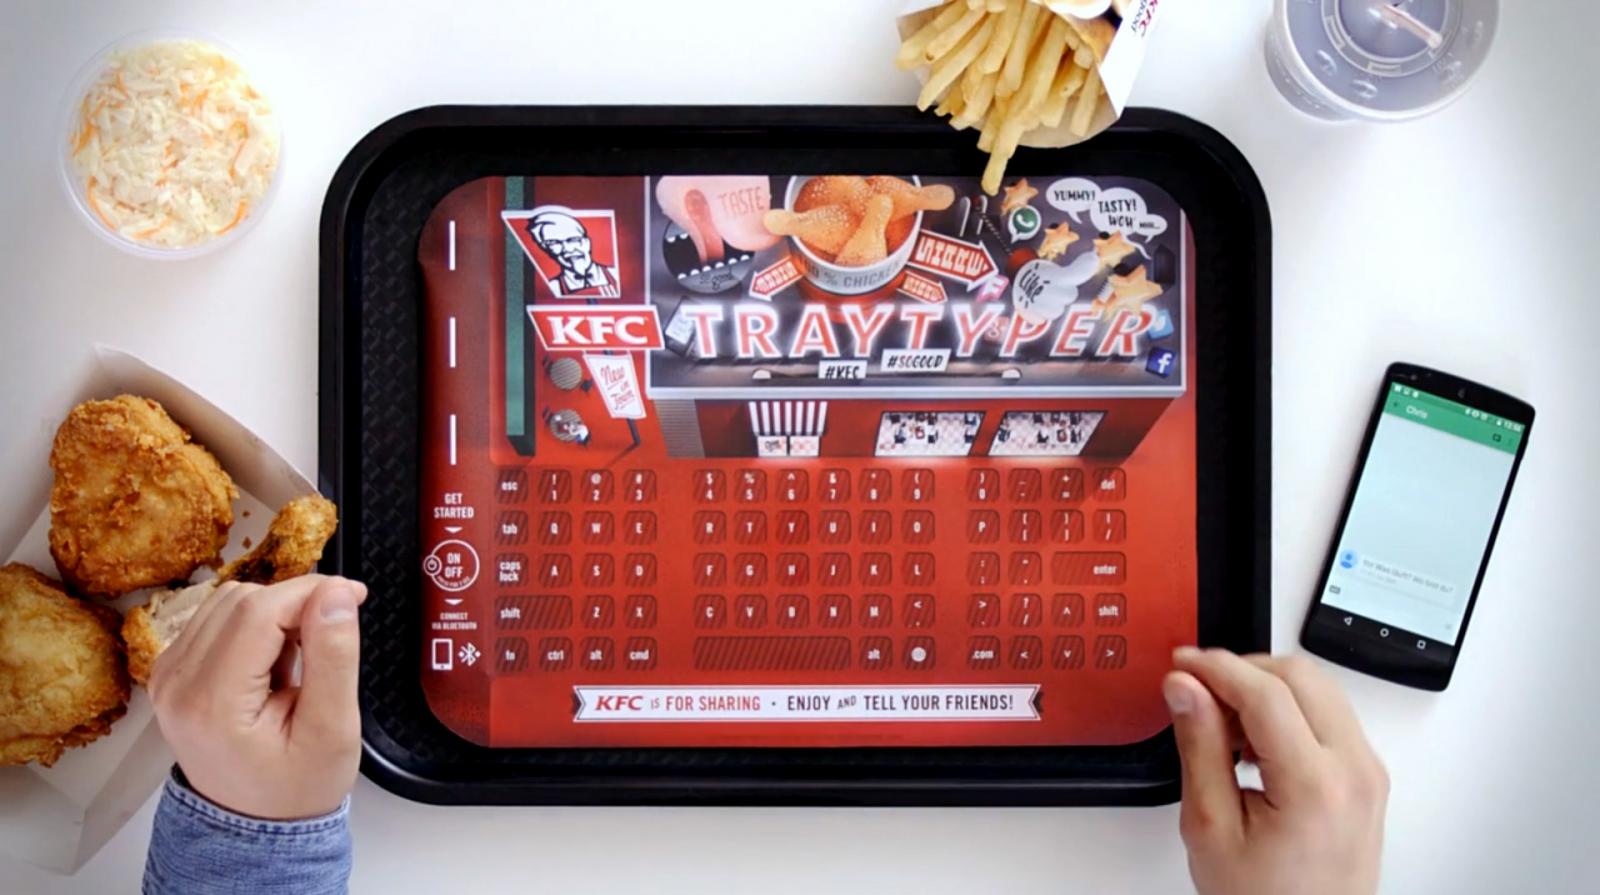 Meet the KFC Tray Typer wireless keyboard